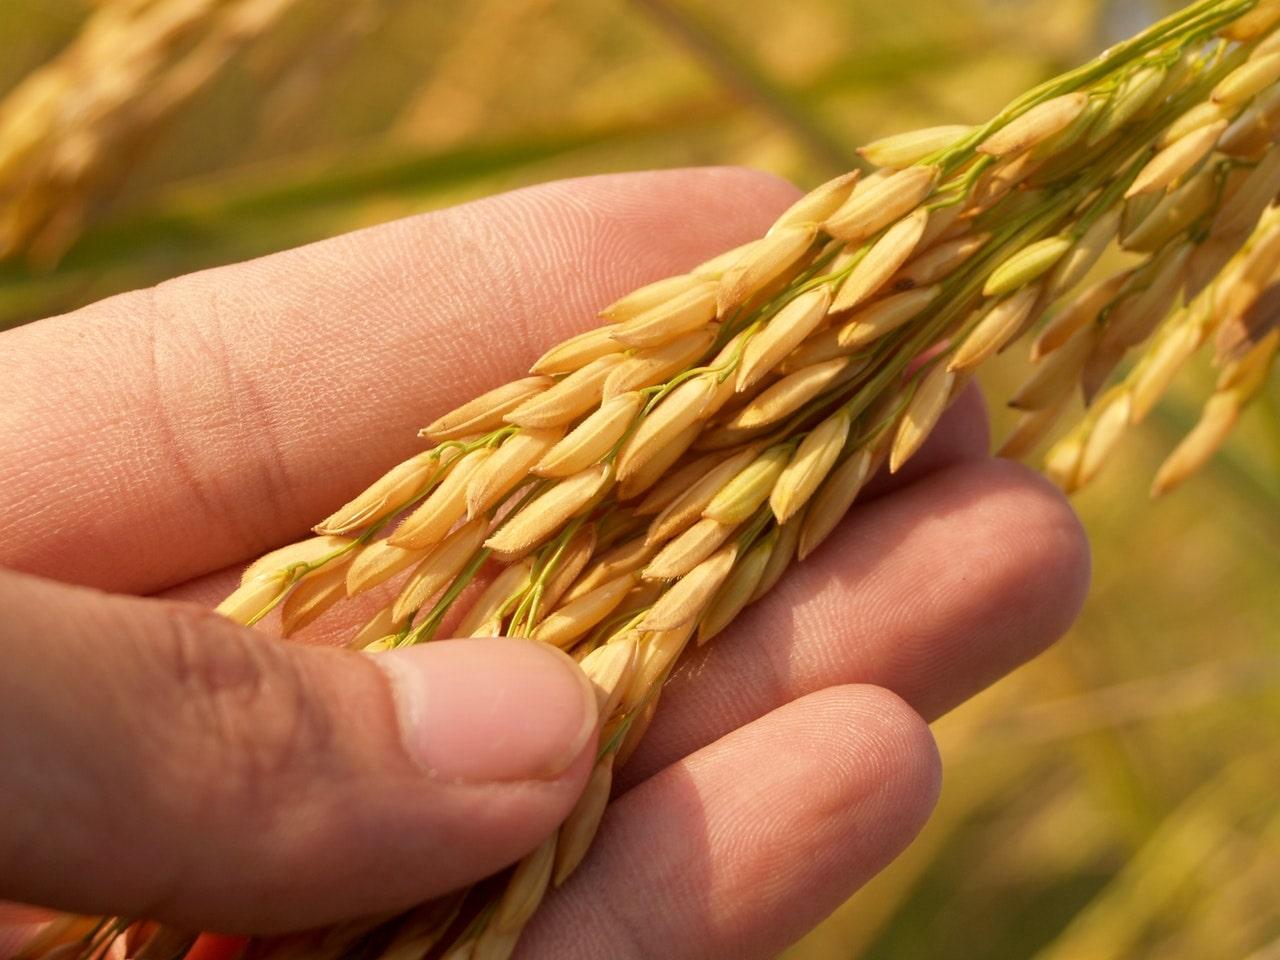 grains.com